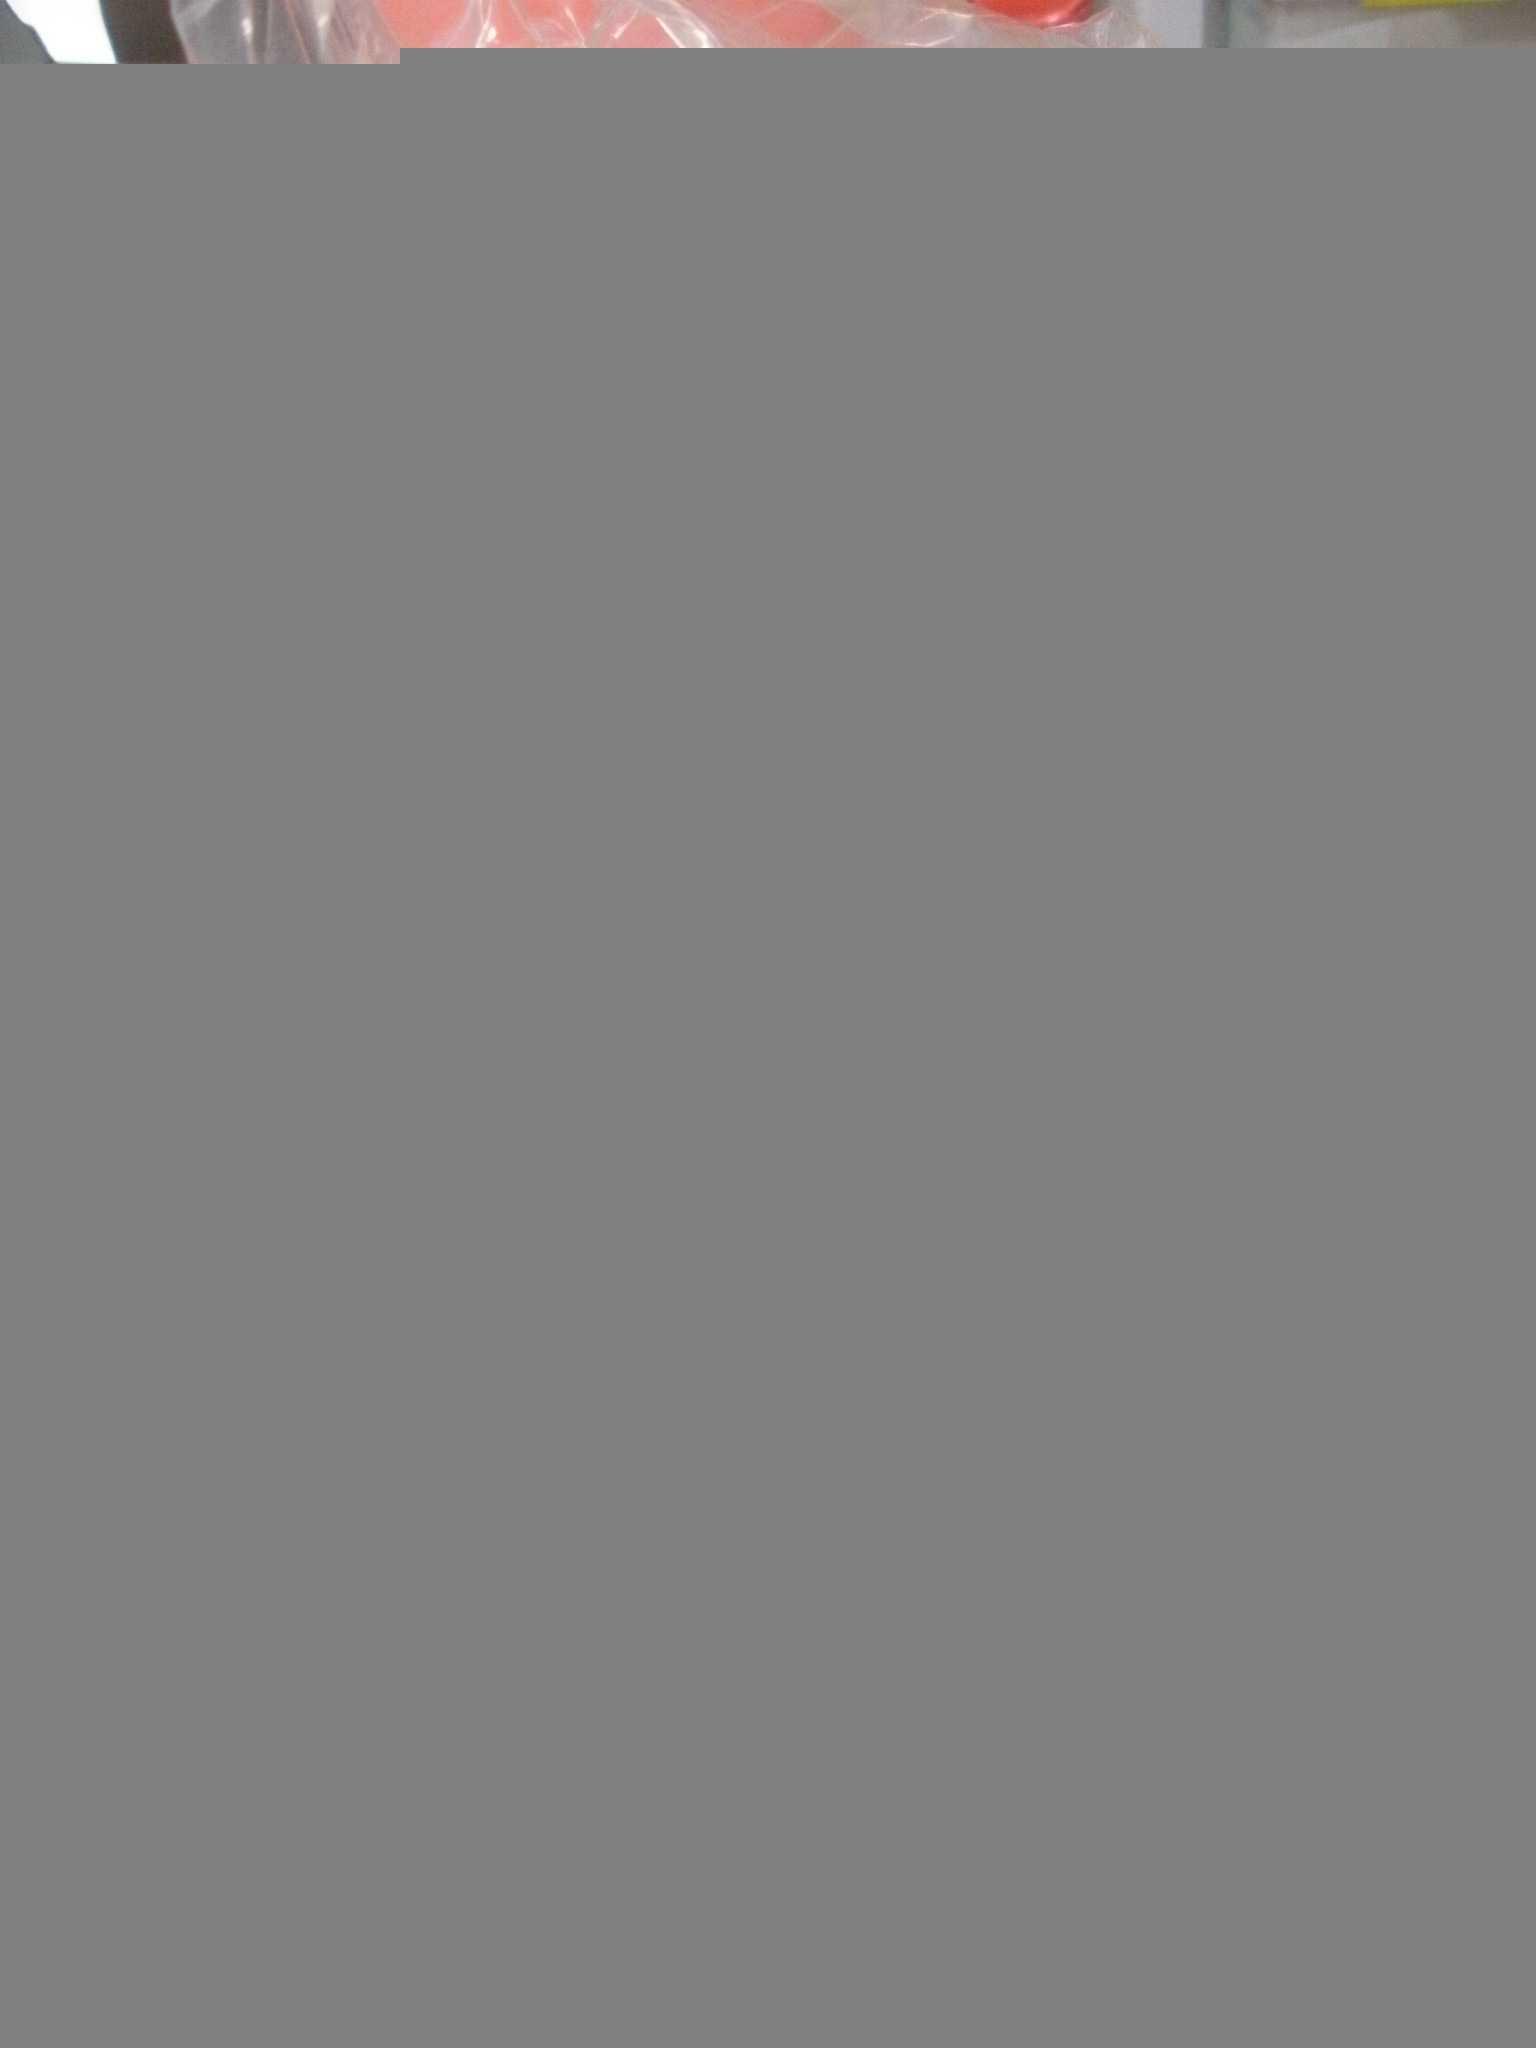 热管换热器-厦门高谱科技,厦门高谱科技有限公司